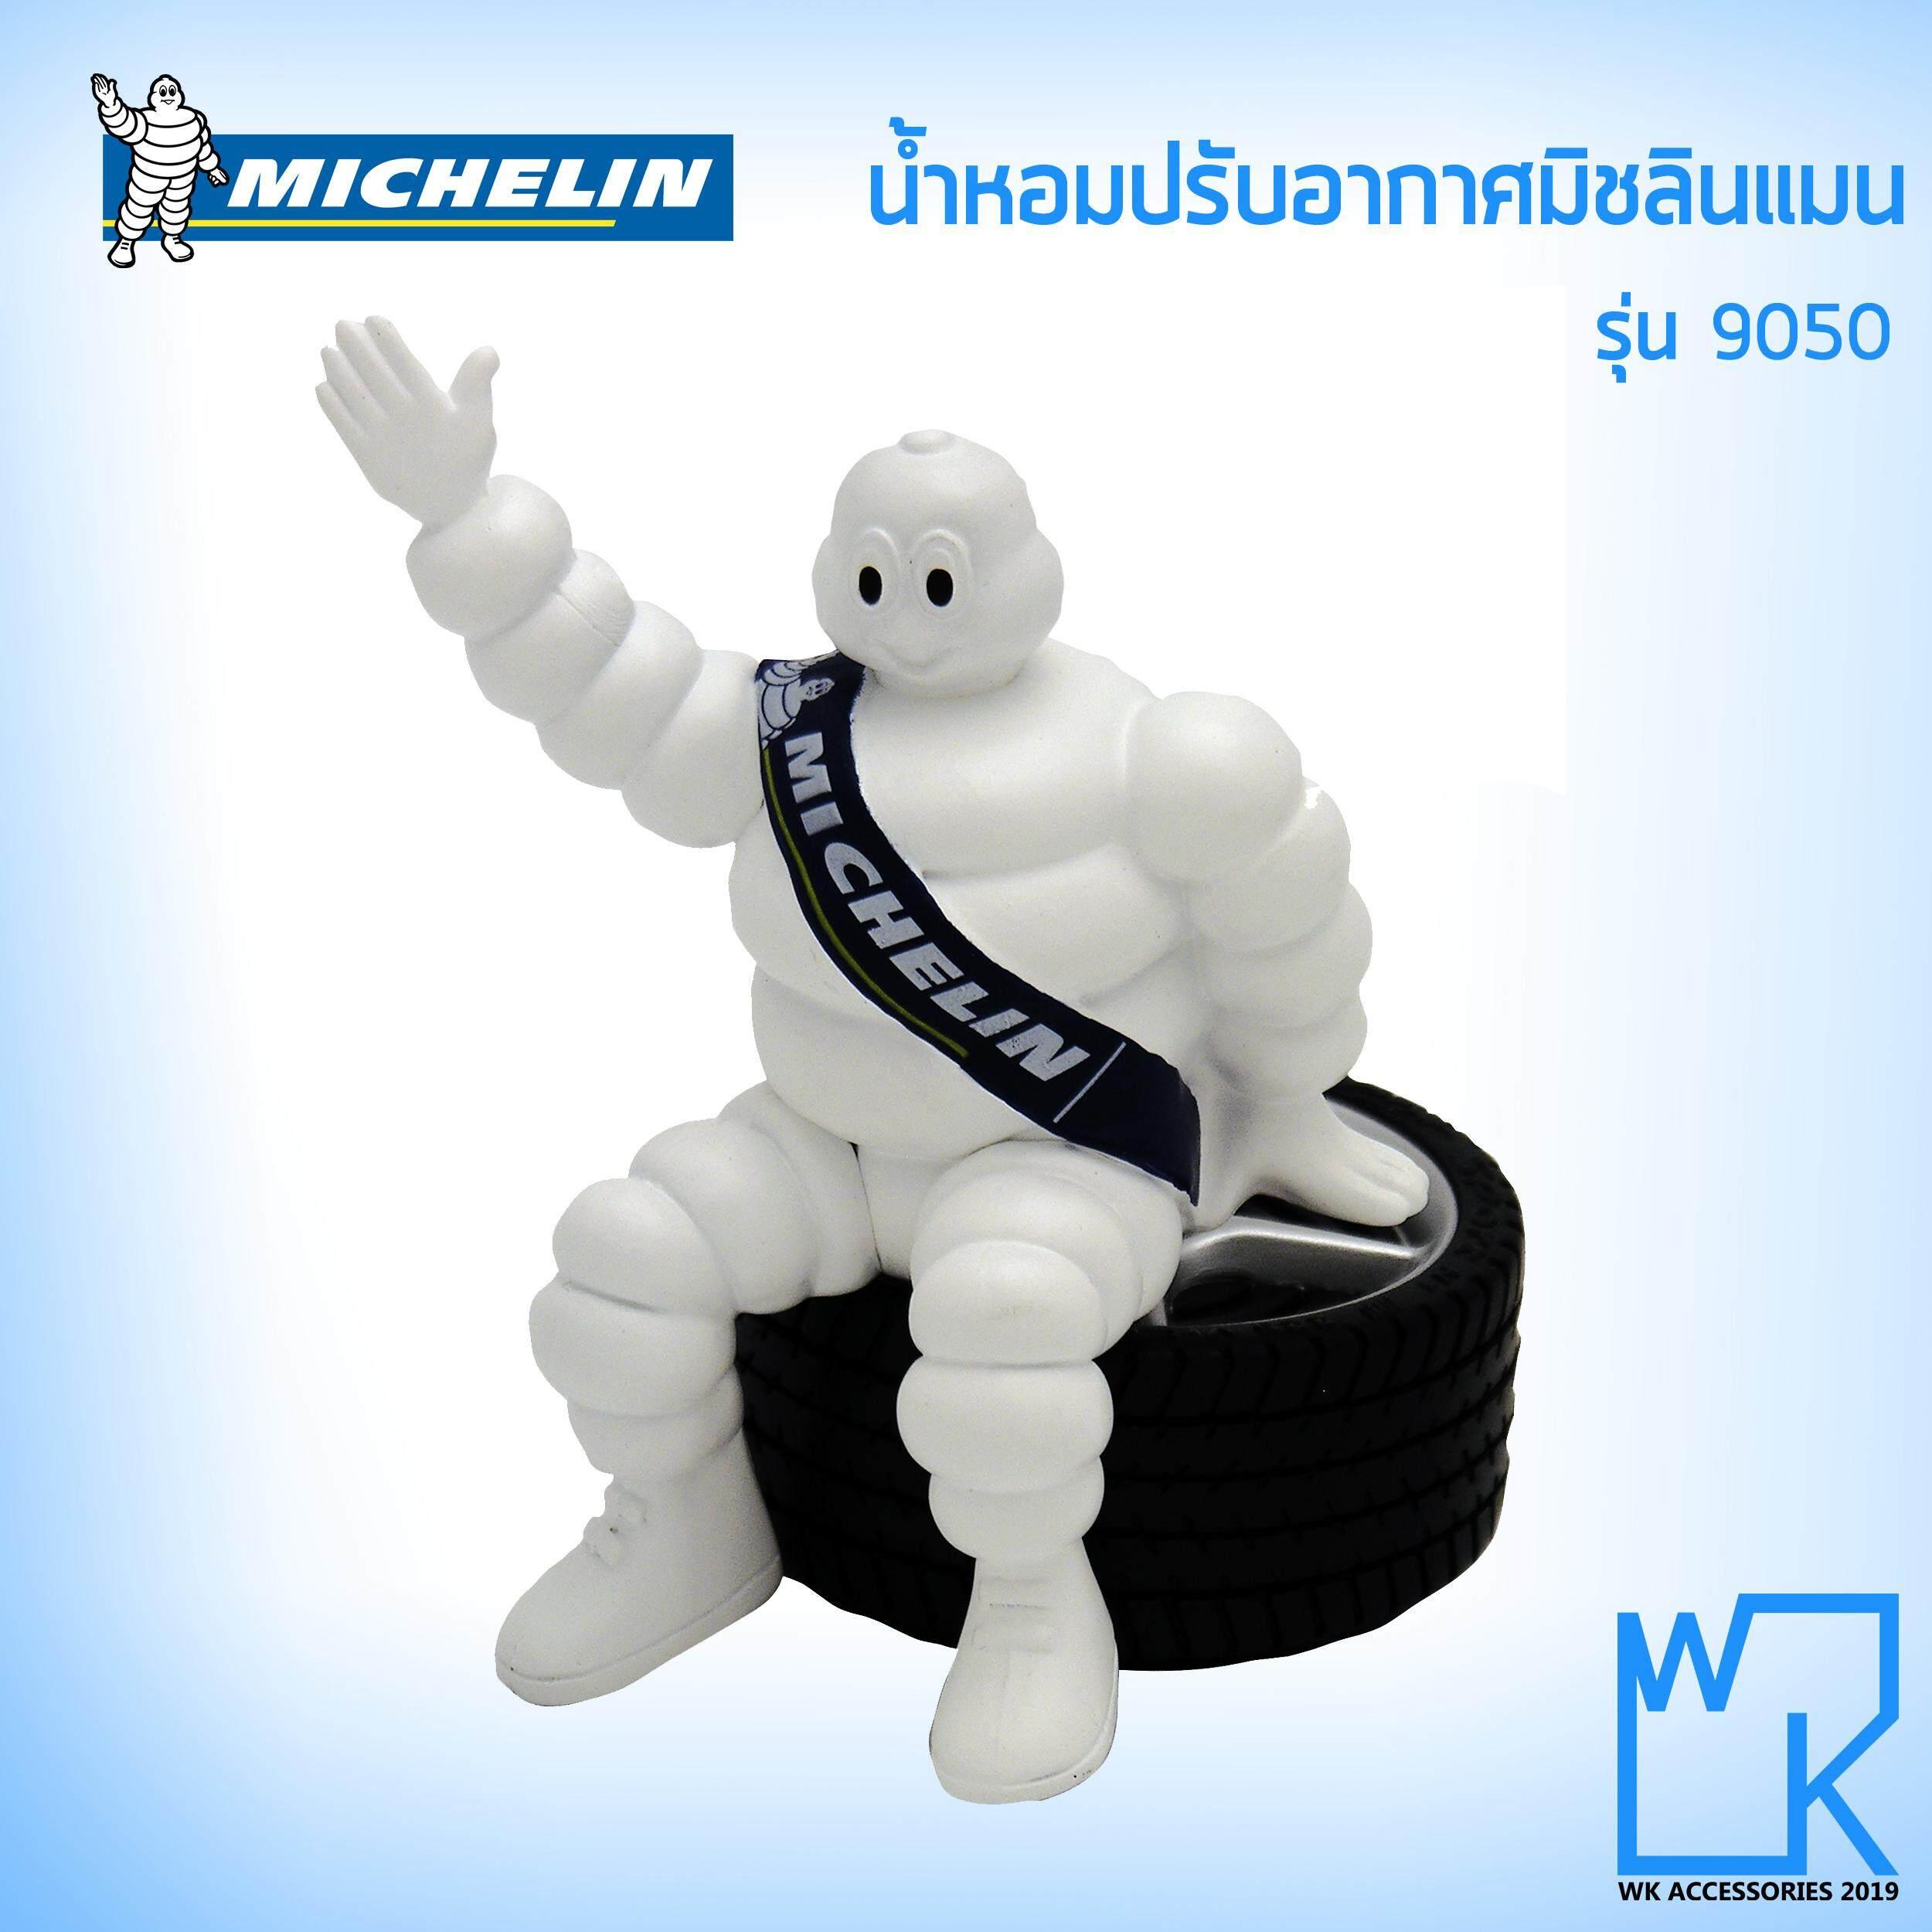 น้ำหอมปรับอากาศมิชลินแมน 12398 (รุ่น 9050) Michelin By Wk Accessories 2019.